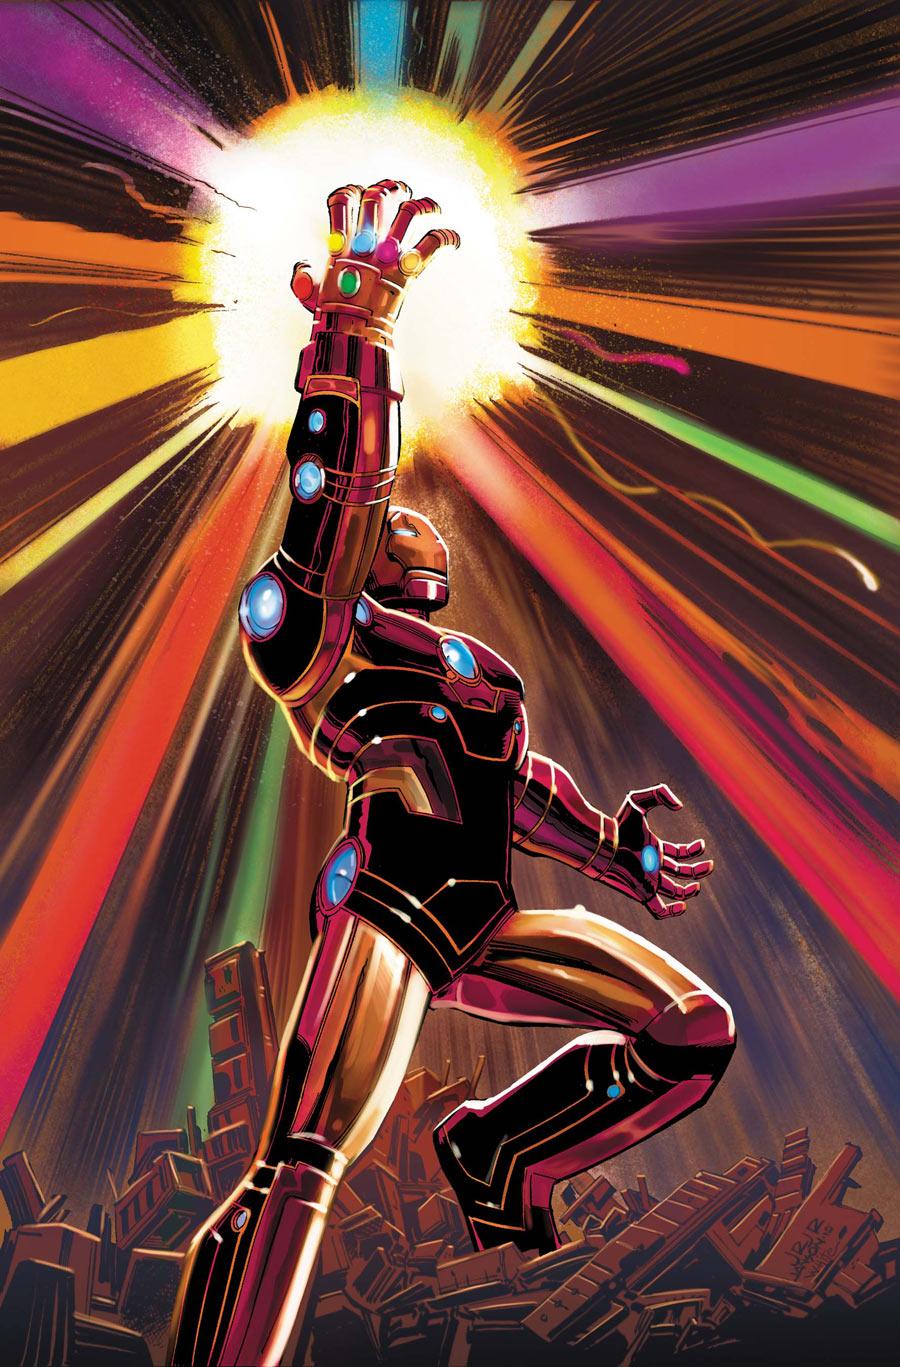 http://images.wikia.com/marveldatabase/images/b/b1/Avengers_Vol_4_12_Textless.jpg